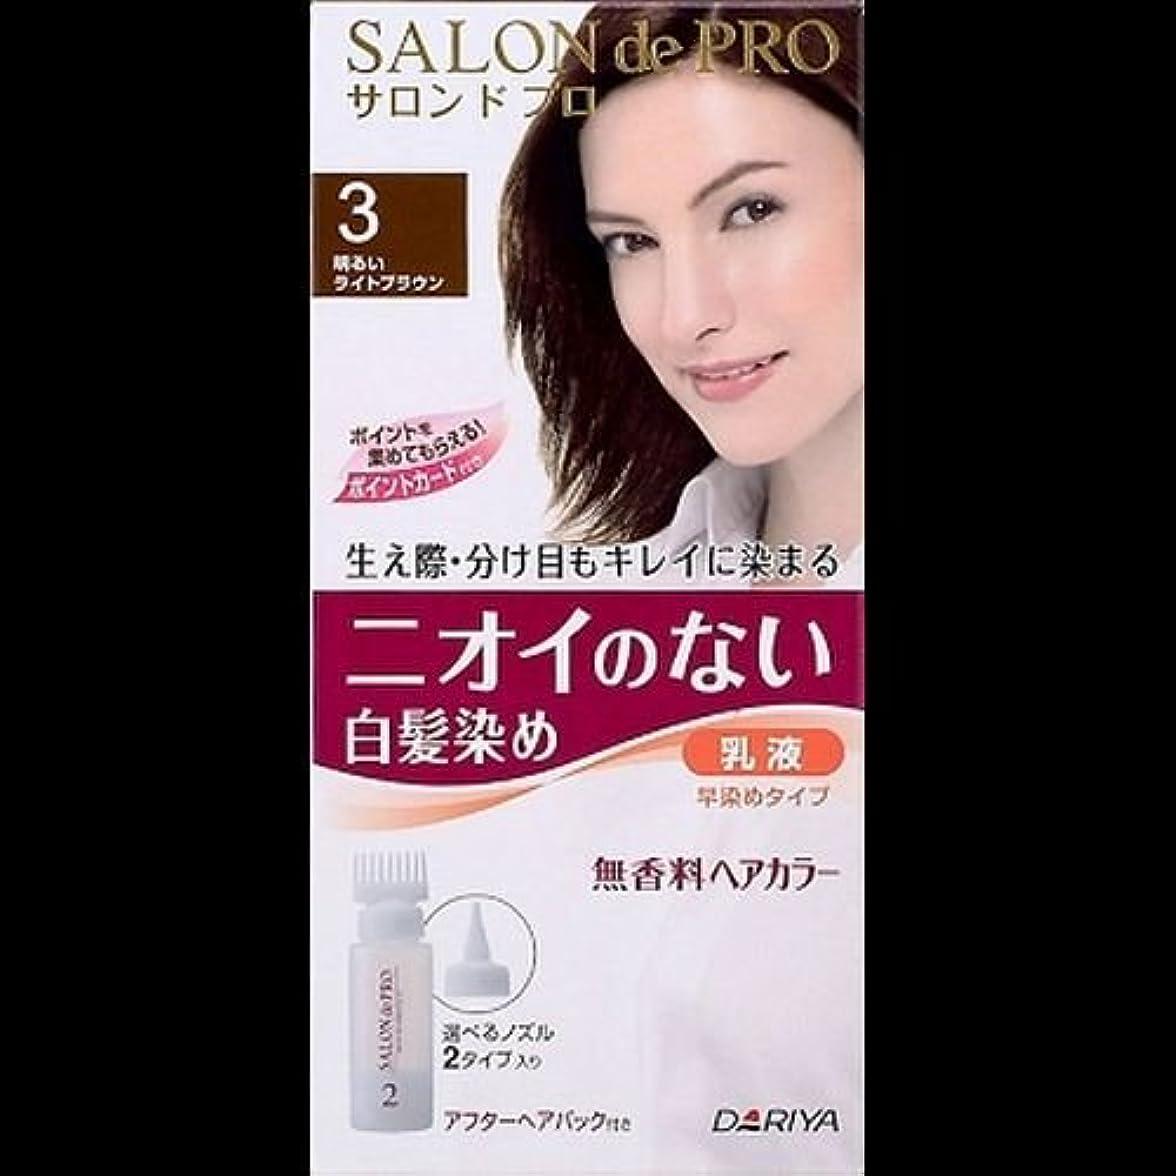 スポットまさにサロンドプロ 無香料ヘアカラー 早染め乳液3 (明るいライトブラウン) ×2セット